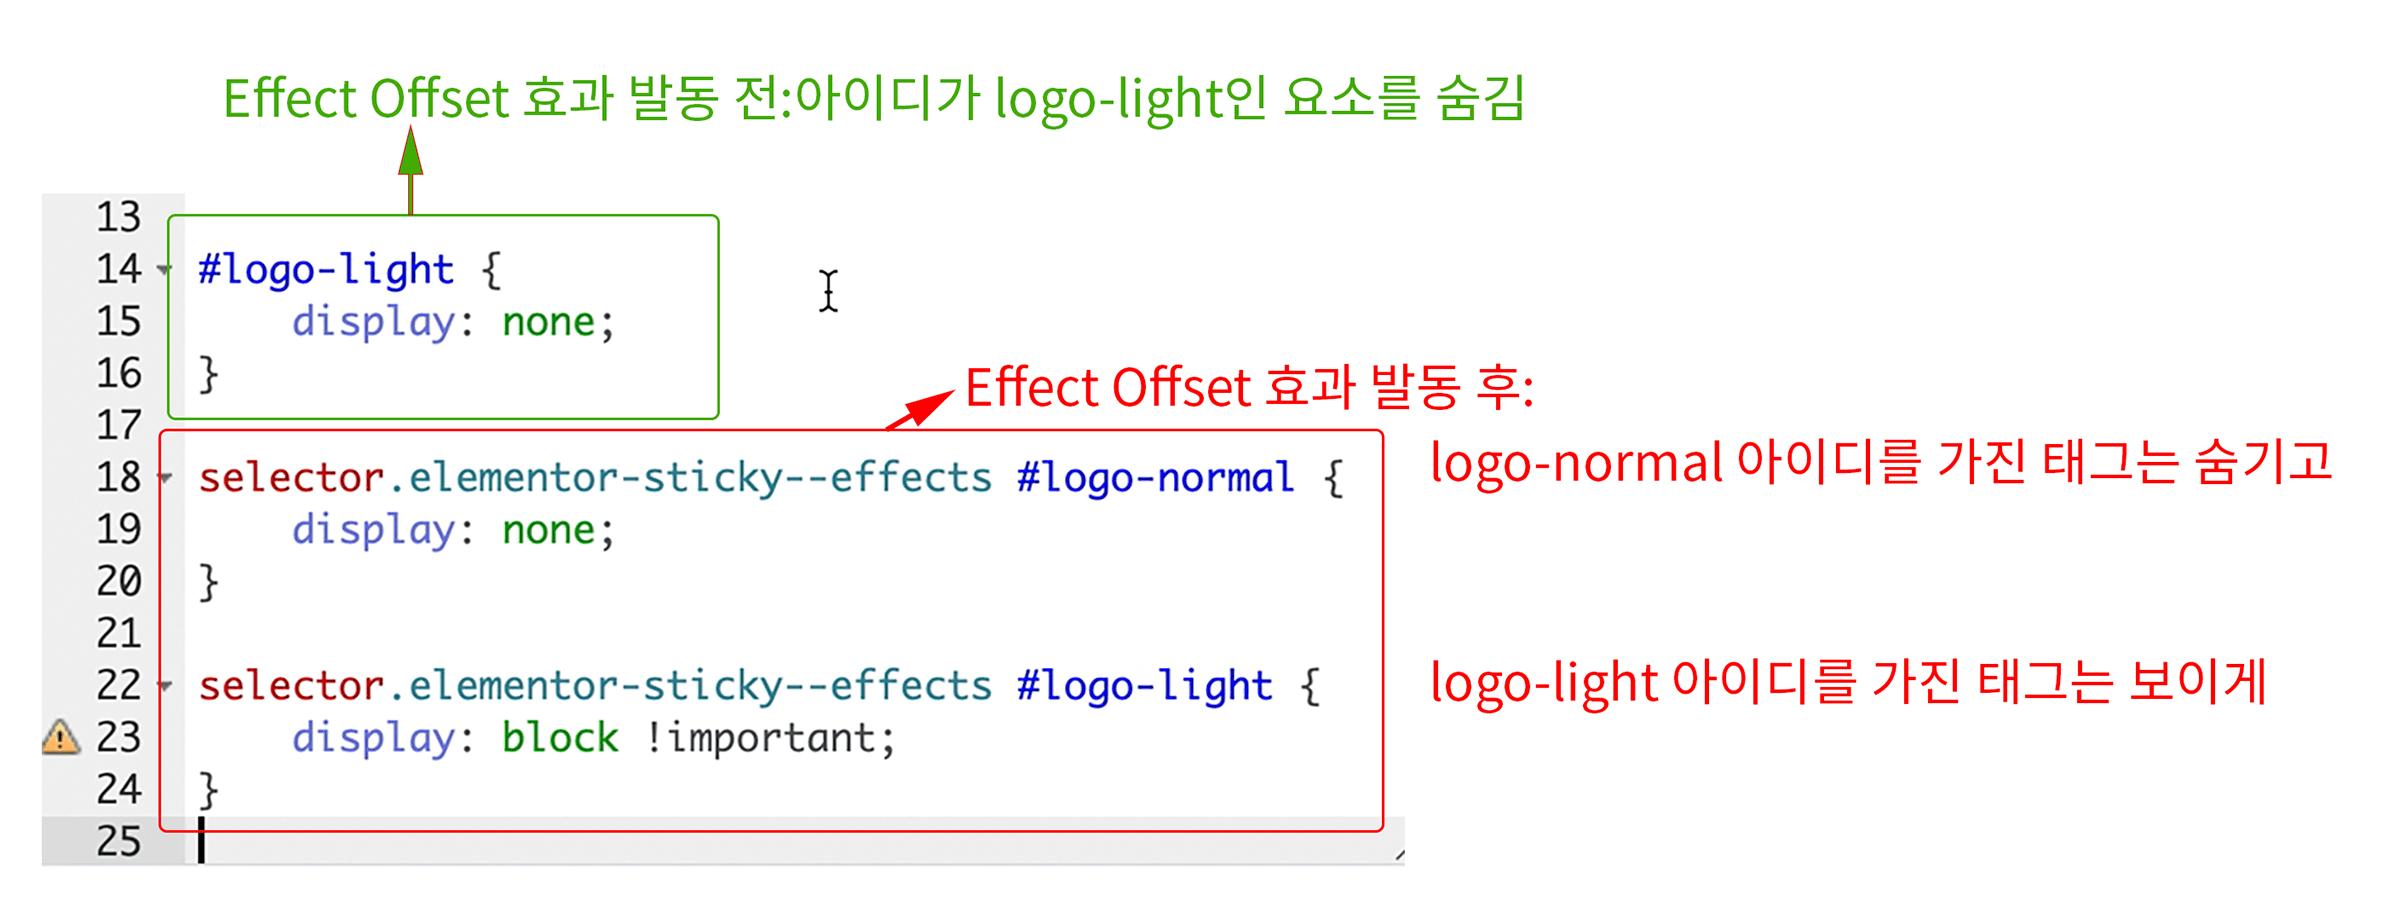 입력한 3개의 CSS 룰에 대한 분류 및 짧은 설명